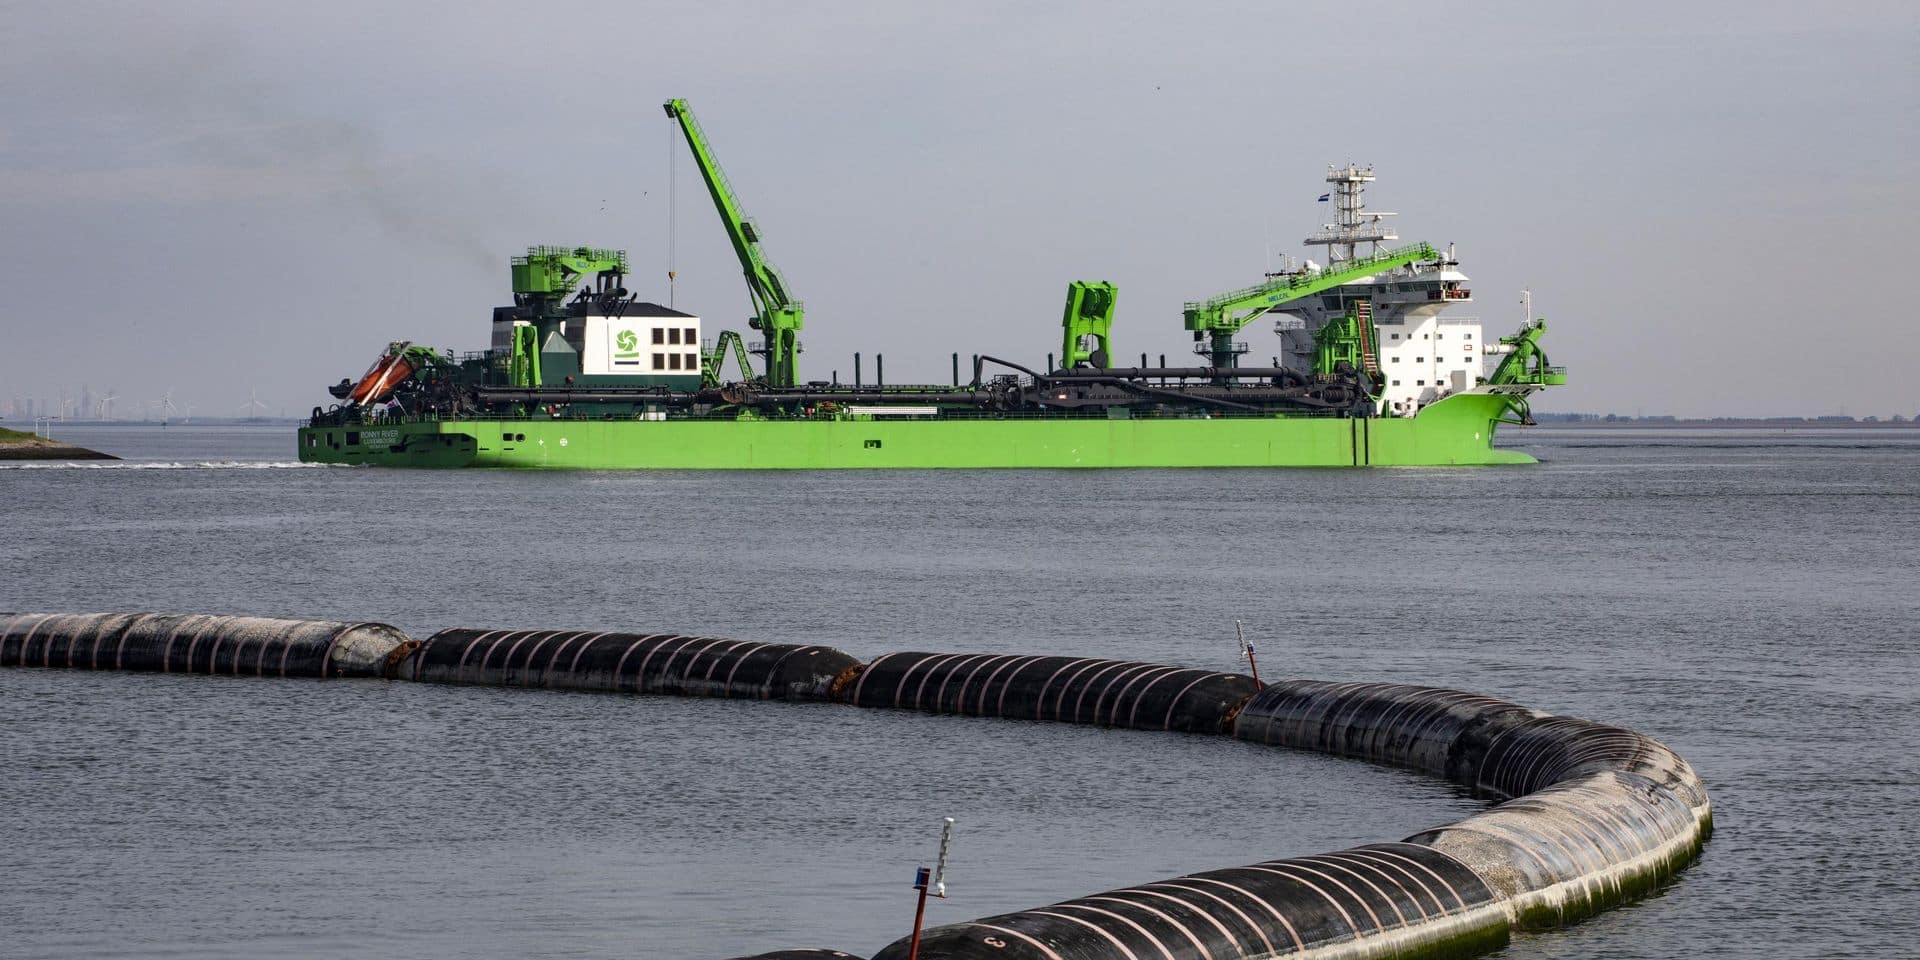 L'activité d'Ackermans & van Haaren est concentrée sur deux grands pôles : la participation dans CFE (et donc dans le spécialiste du dragage maritime DEME) et un pôle de banque privée (avec principalement Bank Delen et Bank J. Van Breda).